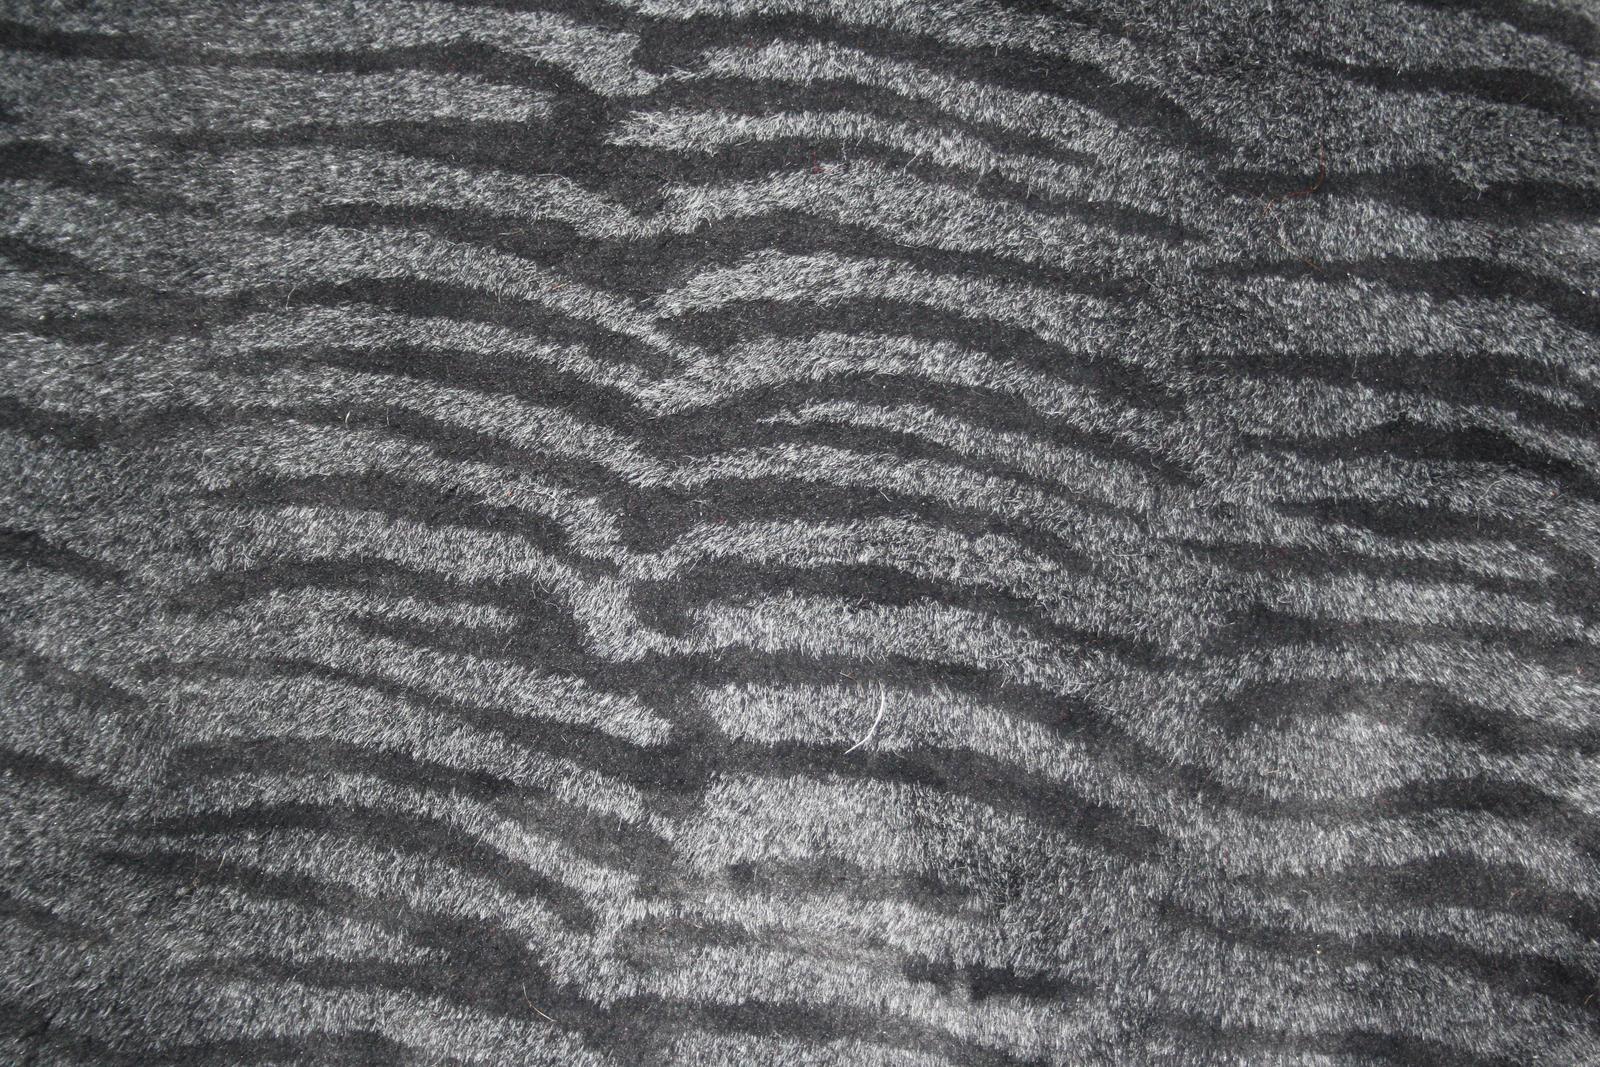 Texture: Animal Print 5 by pandora1921